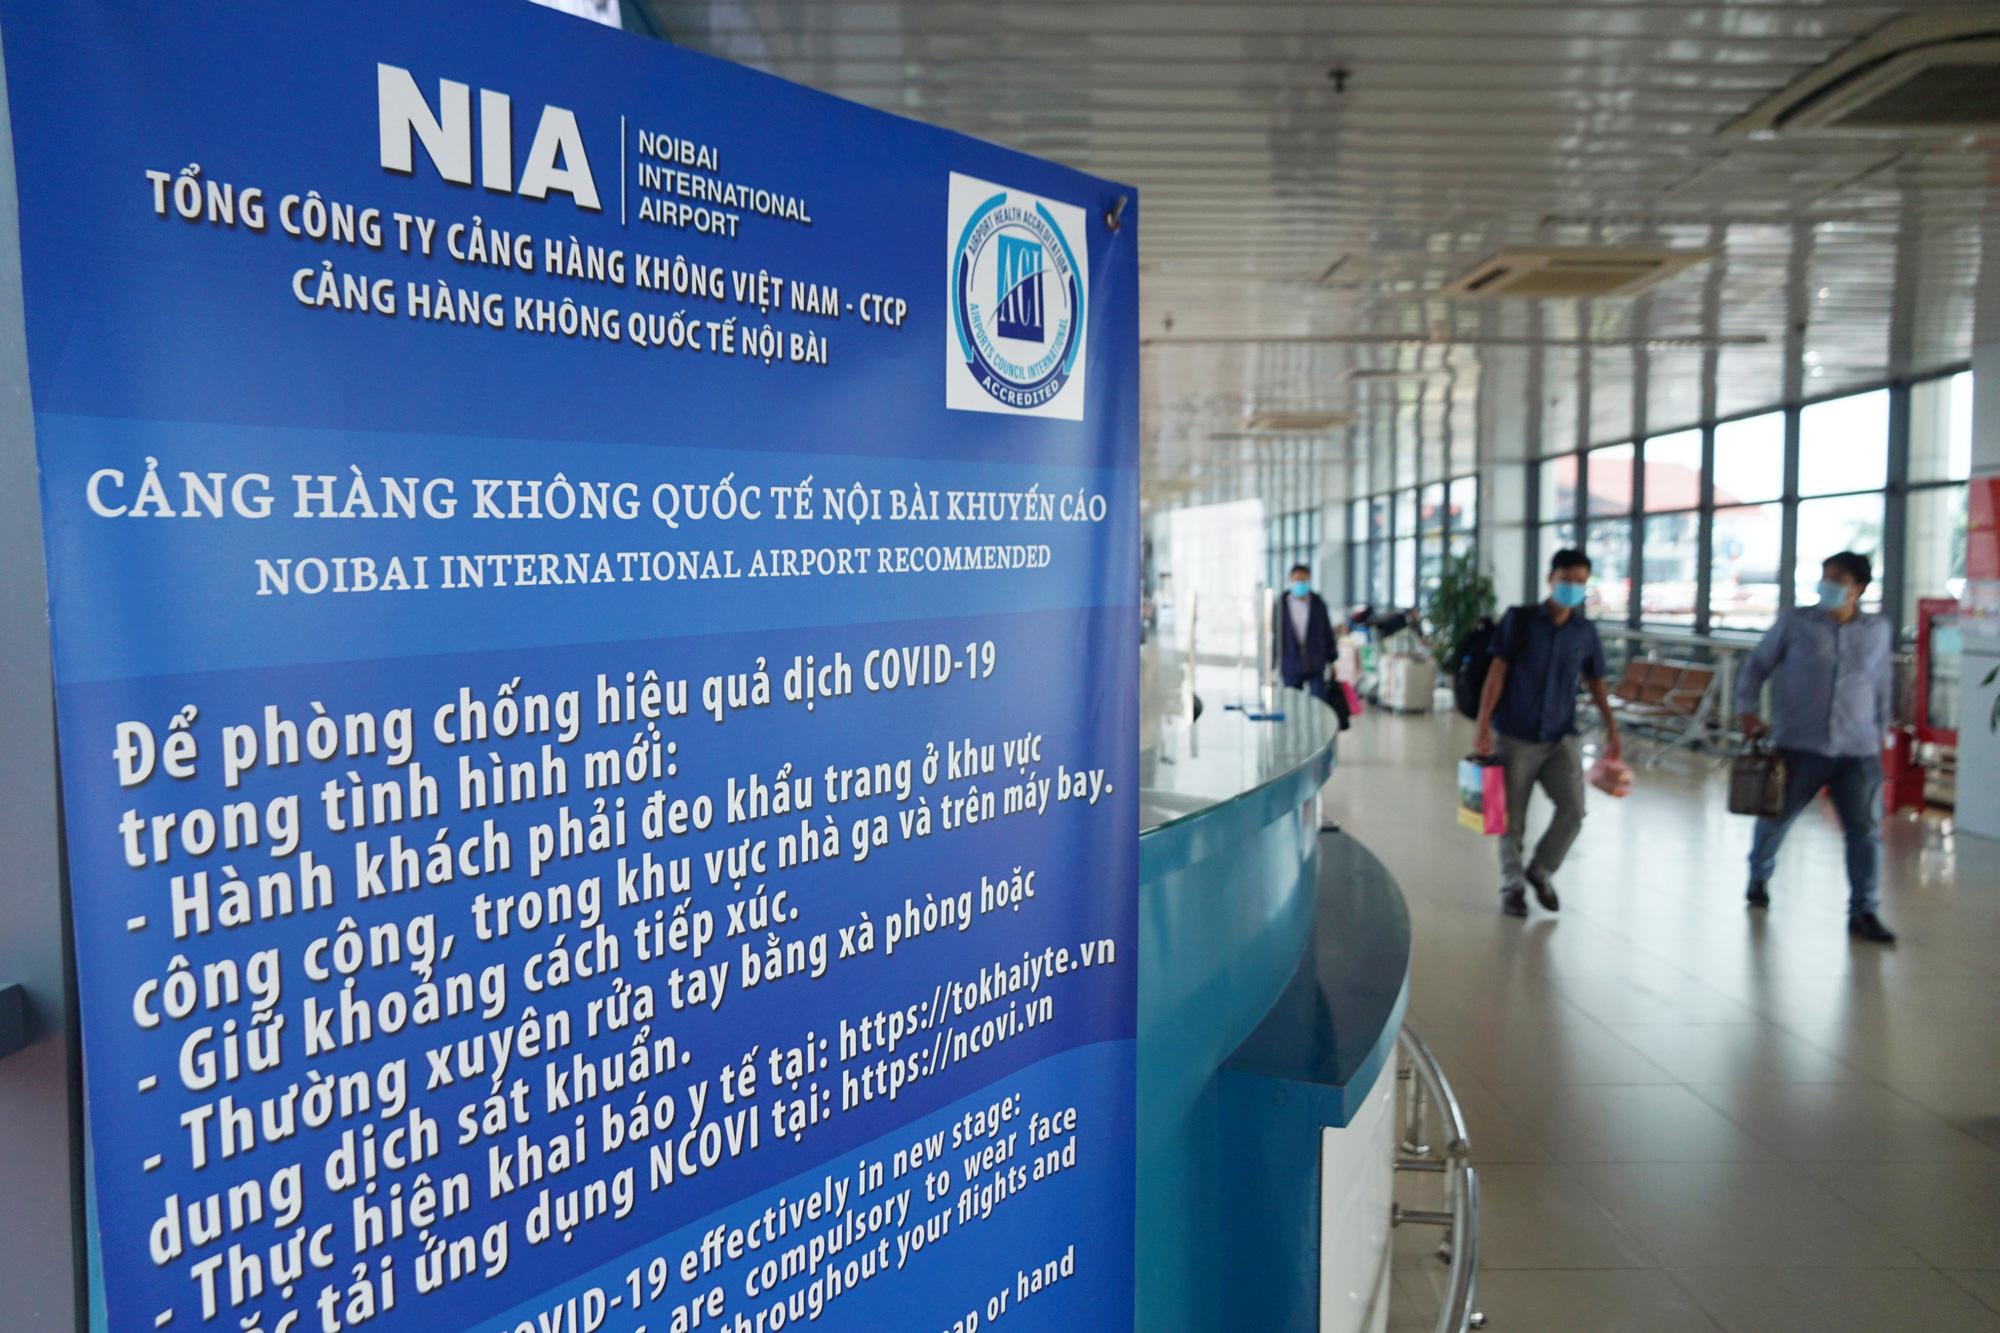 Hàng vạn hành khách xếp hàng dài chờ check-in tại sân bay Nội Bài trước ngày nghỉ lễ 30/4-1/5 - Ảnh 4.